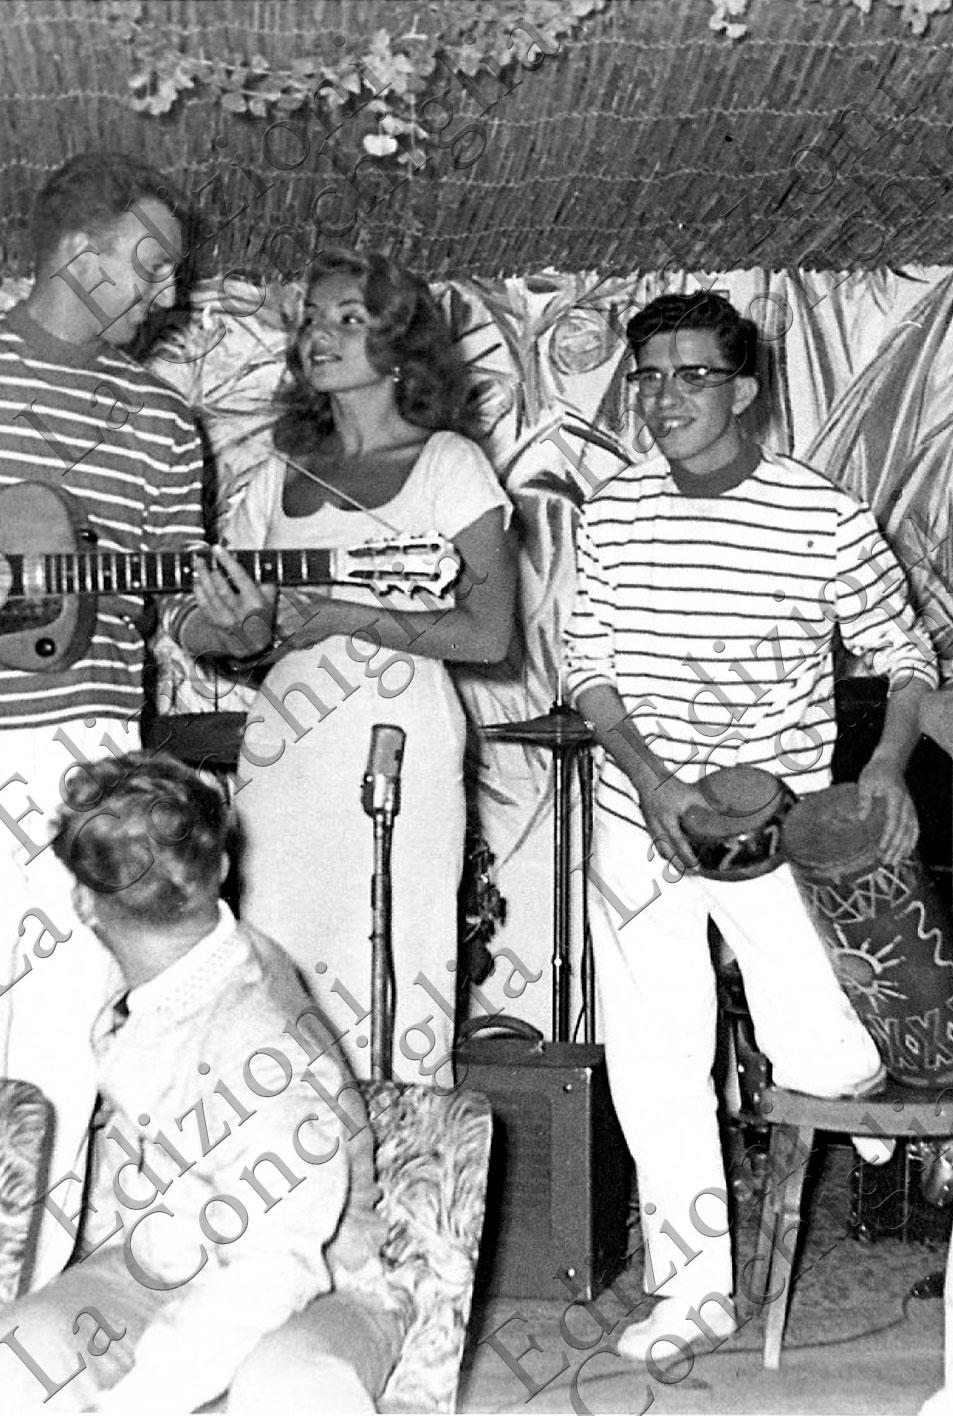 Un giovane Peppino Di Capri insieme ad Abbe Lane, Fragments of style, Frammenti di uno stile, Vita Dolce Vita, Capri Movies. Edizioni La Conchiglia Capri.